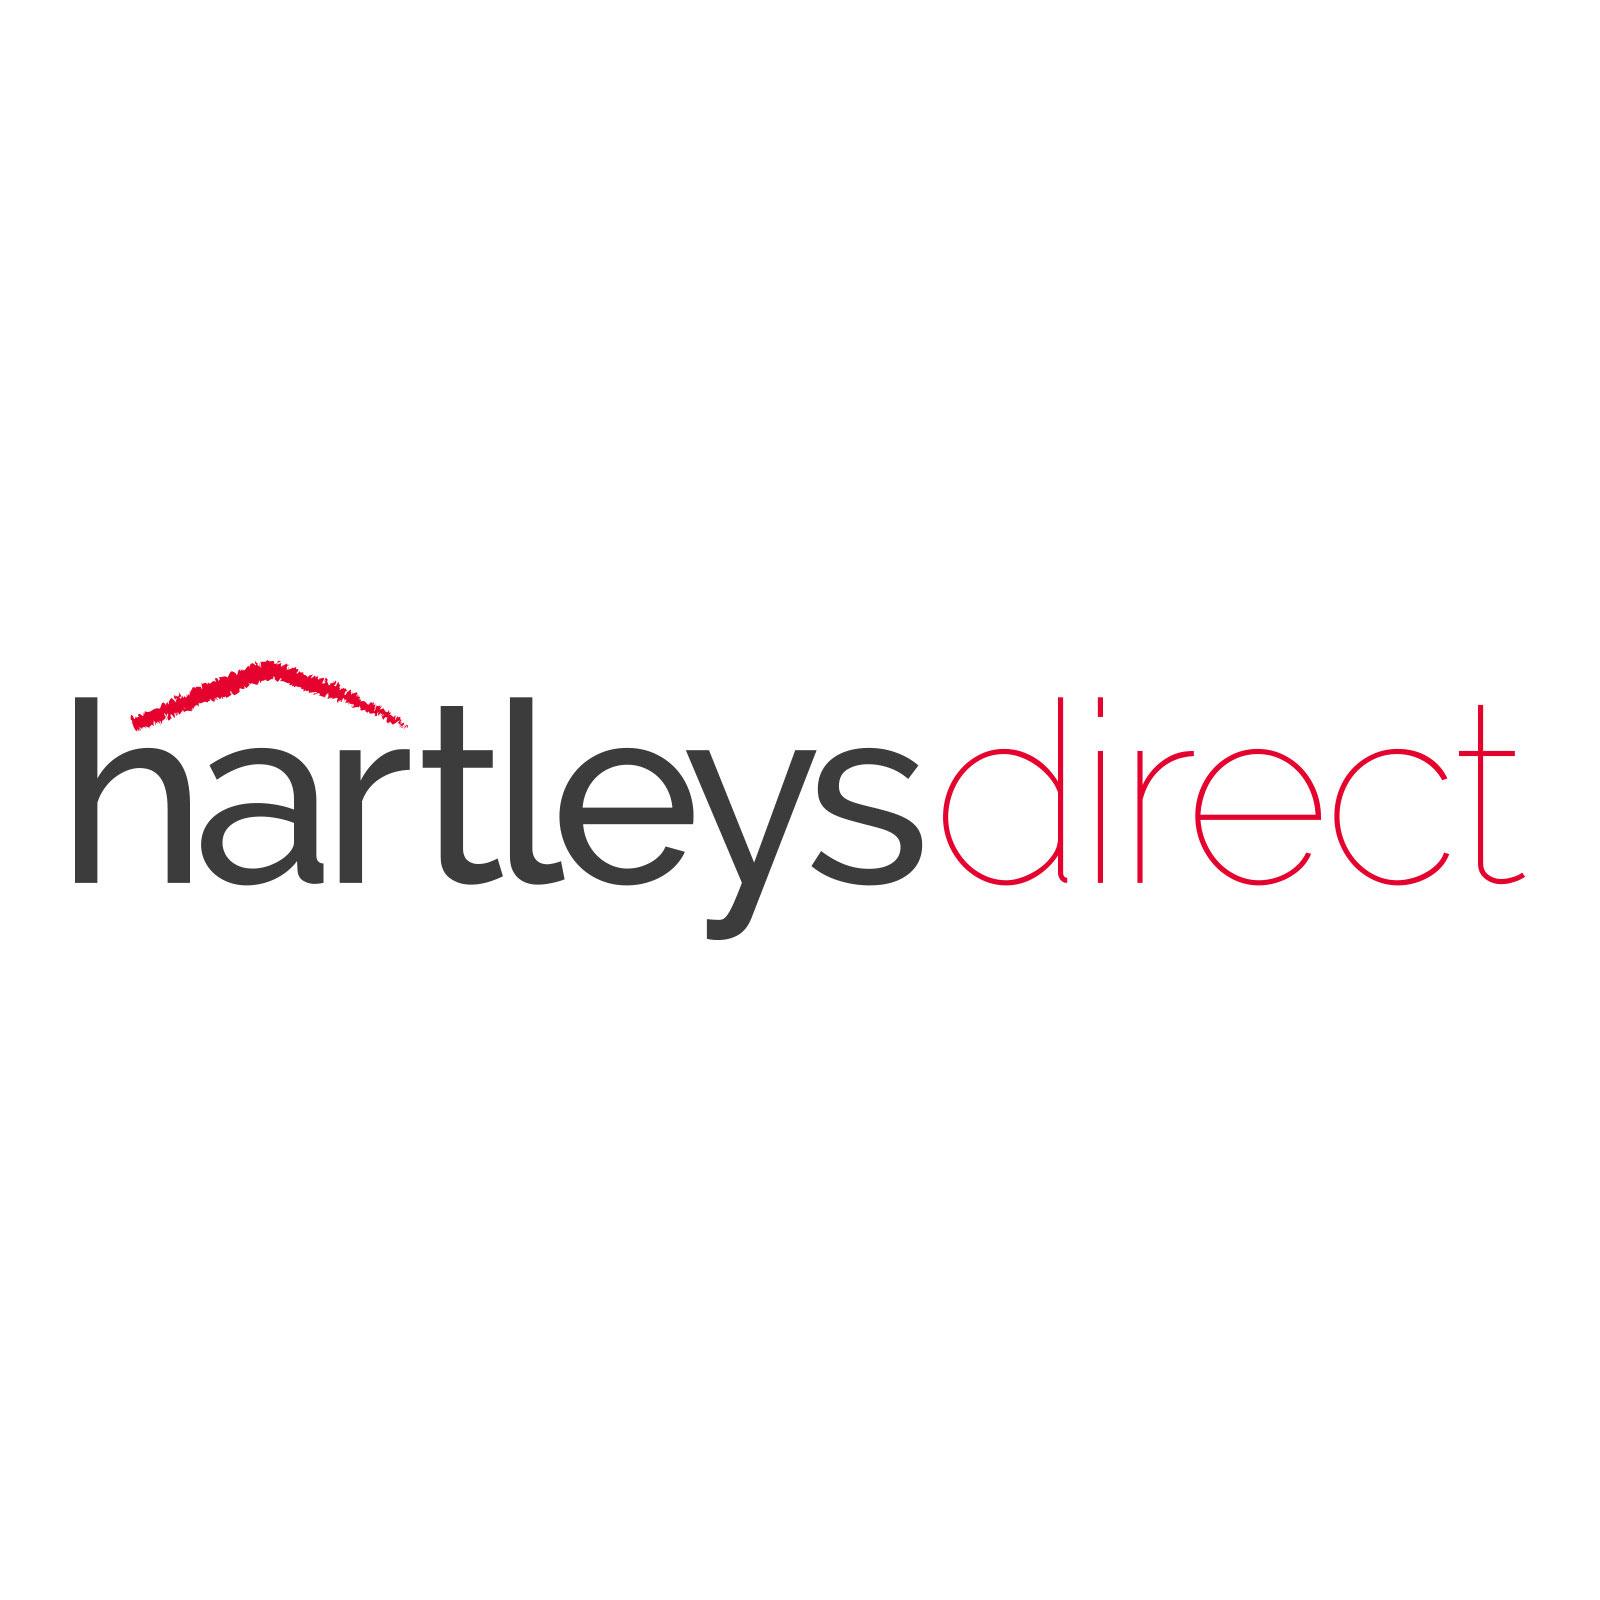 Hartleys-Corner-Glass-Shelves-on-White-Background.jpg